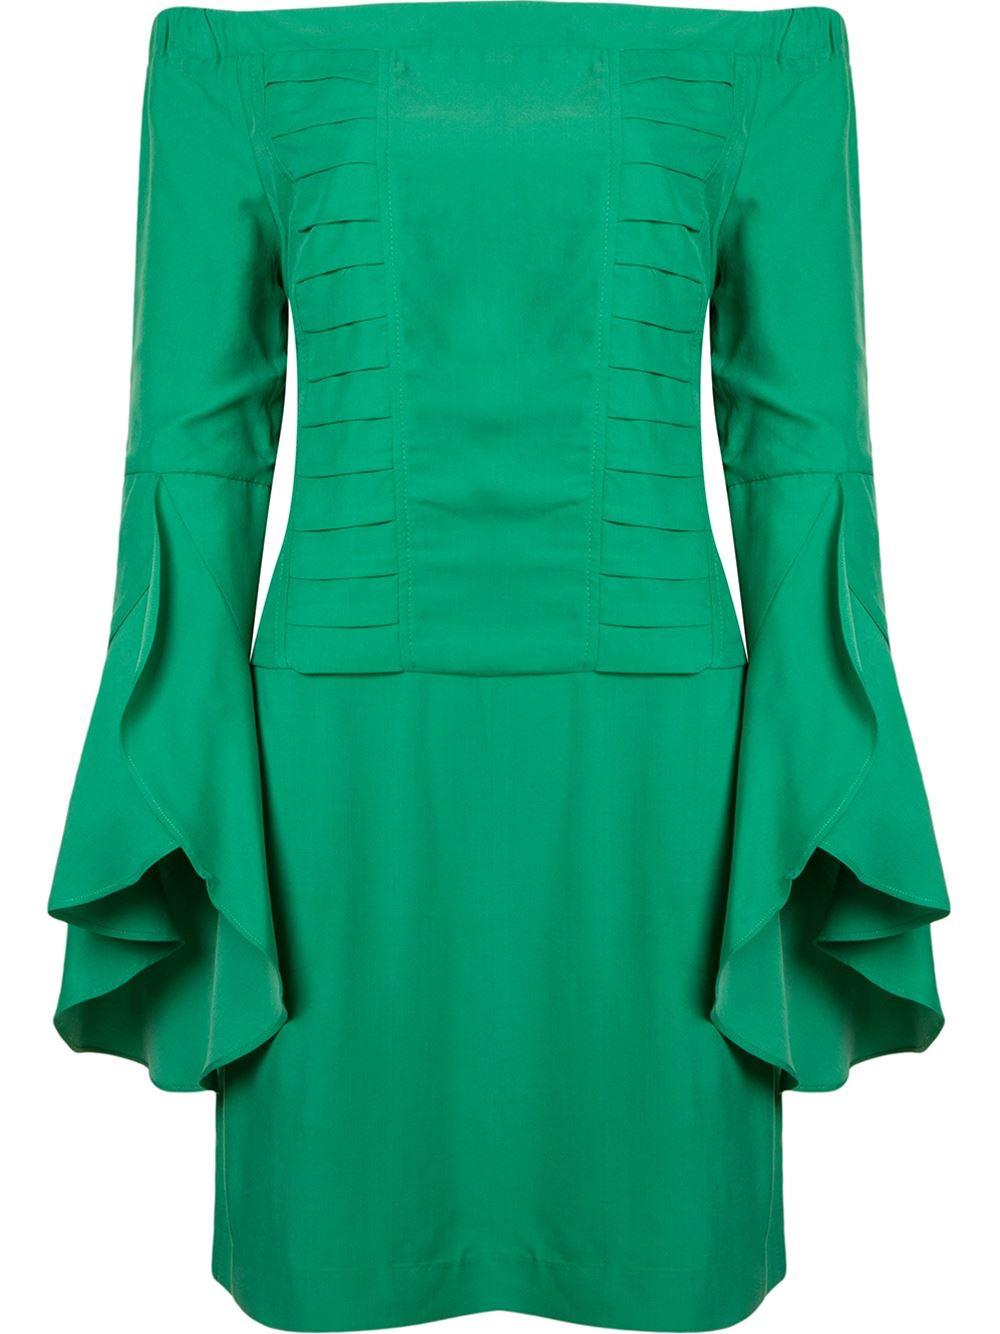 1- vestido Bobstore $759,00 - aqui foto: farfetch